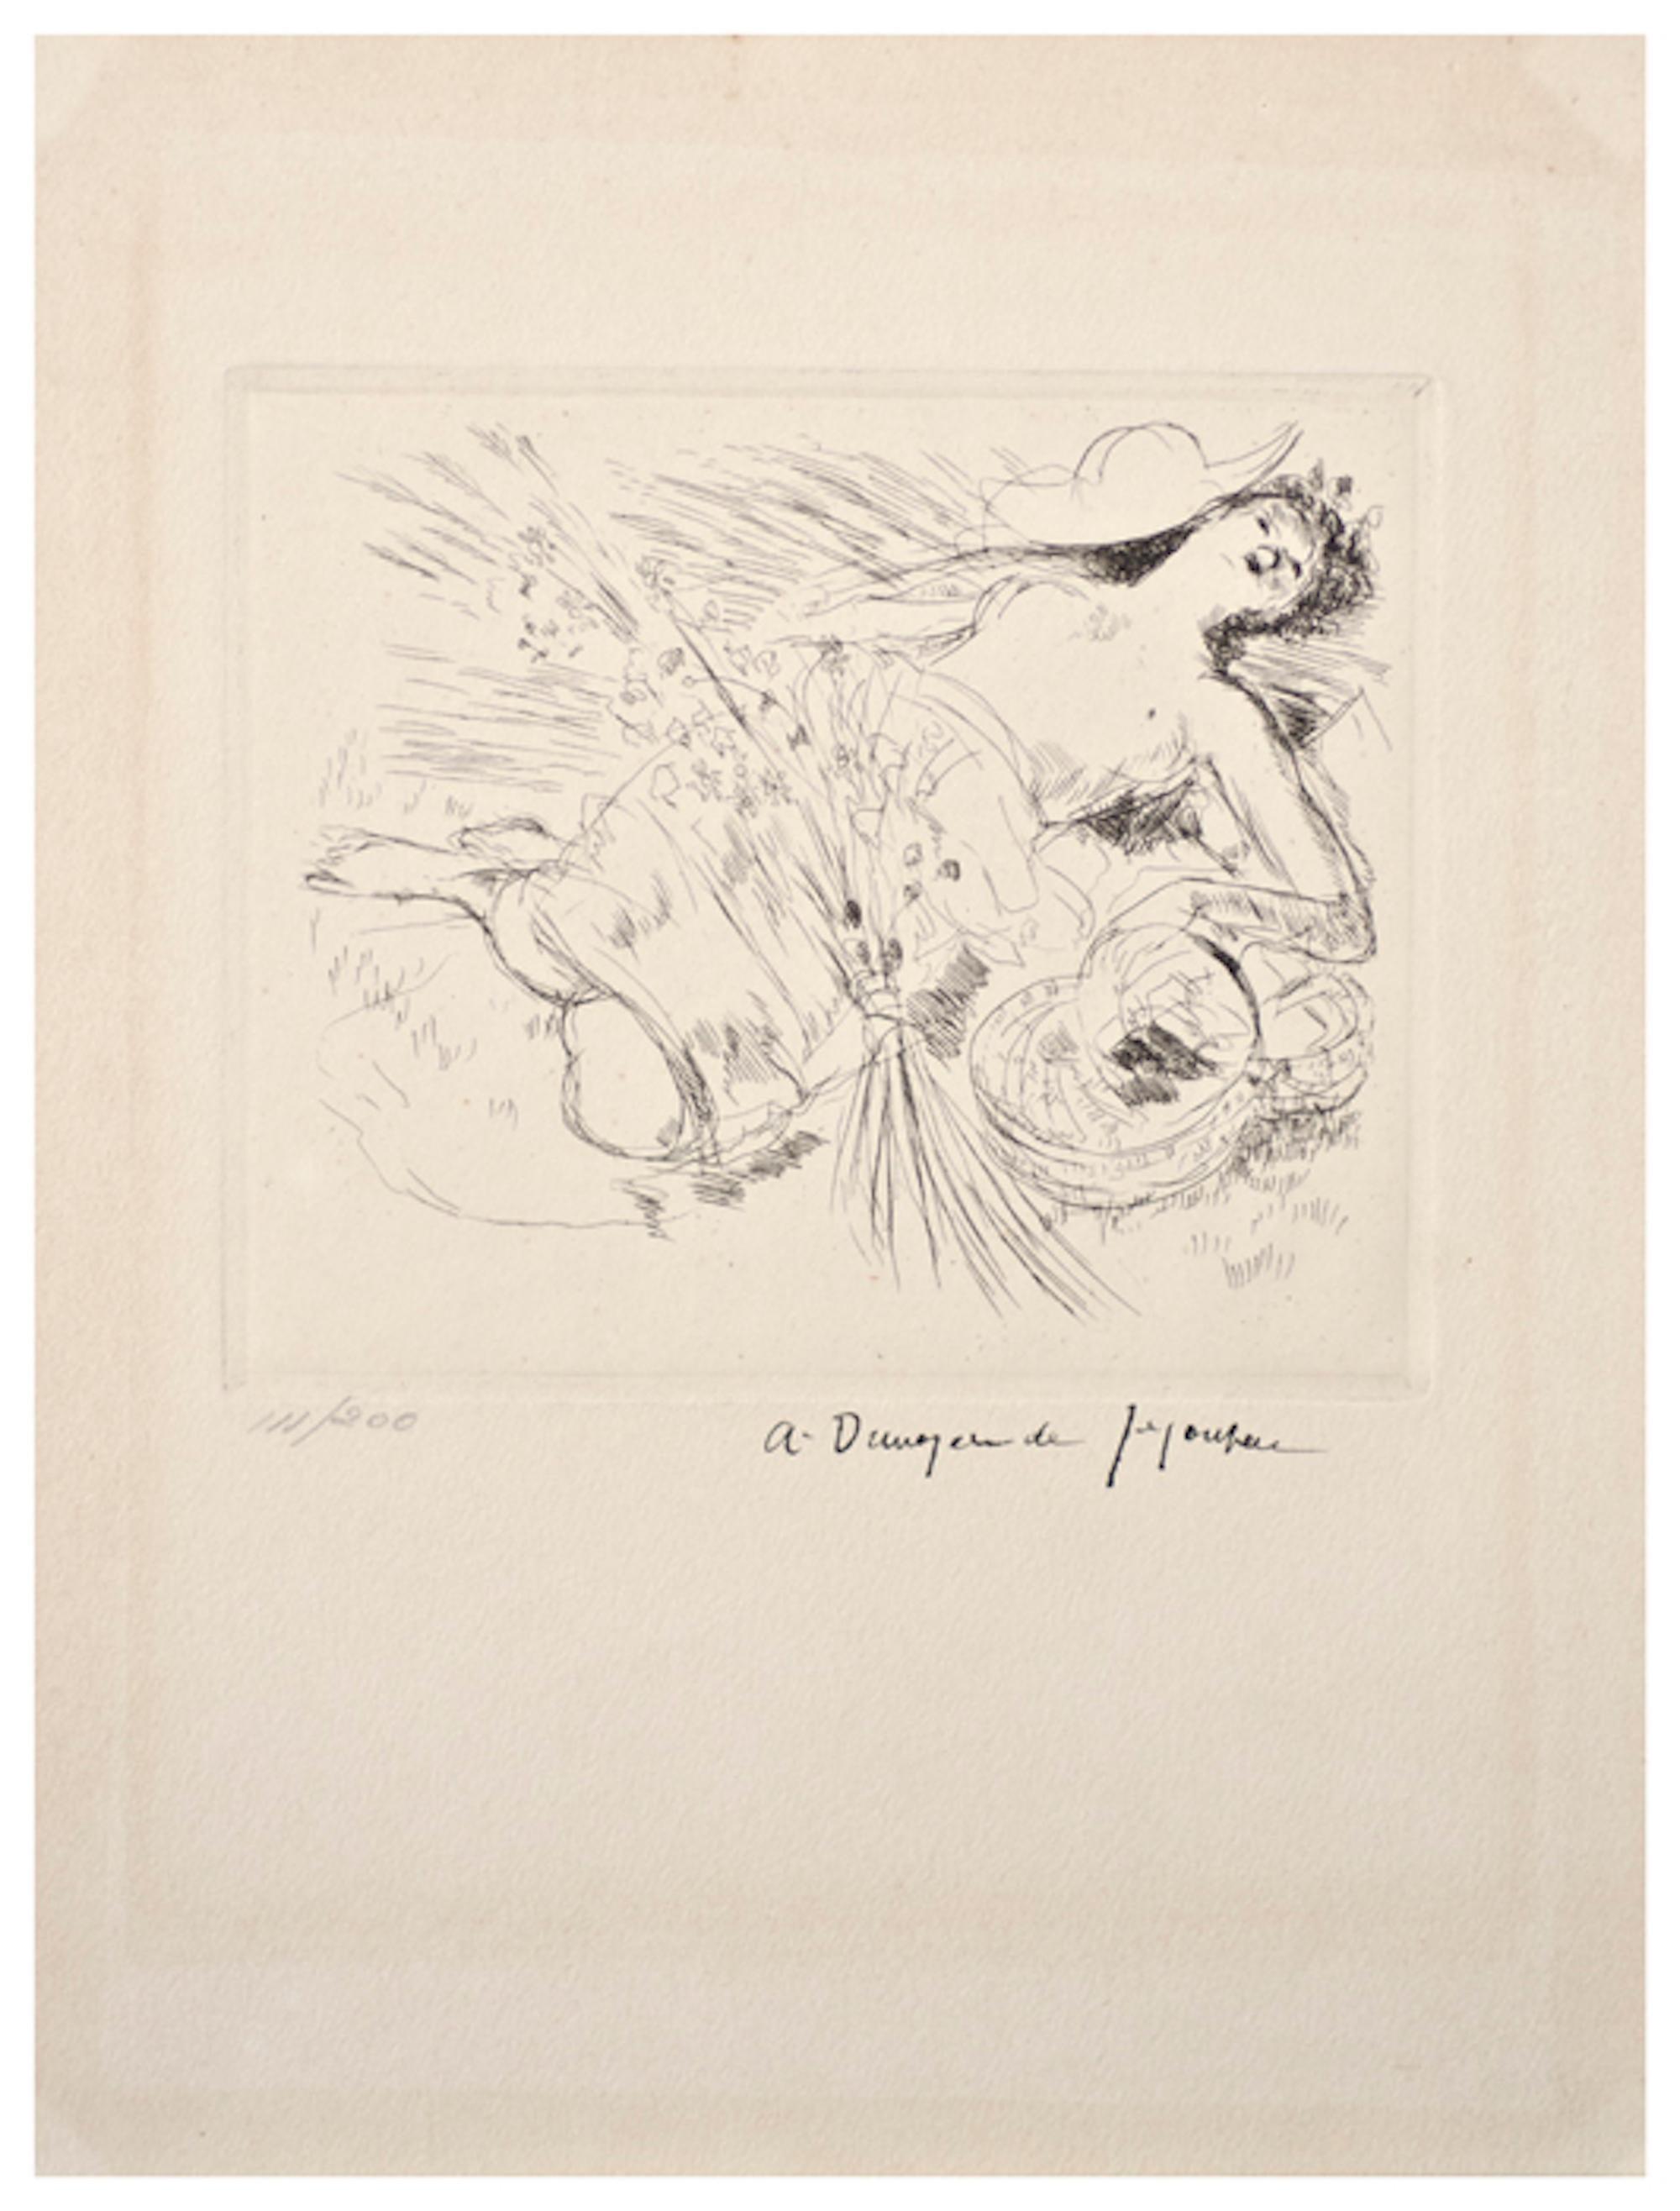 In Versum Distulit Ulmos - Original Etching by Dunoyer de Segonzac - 1944/47